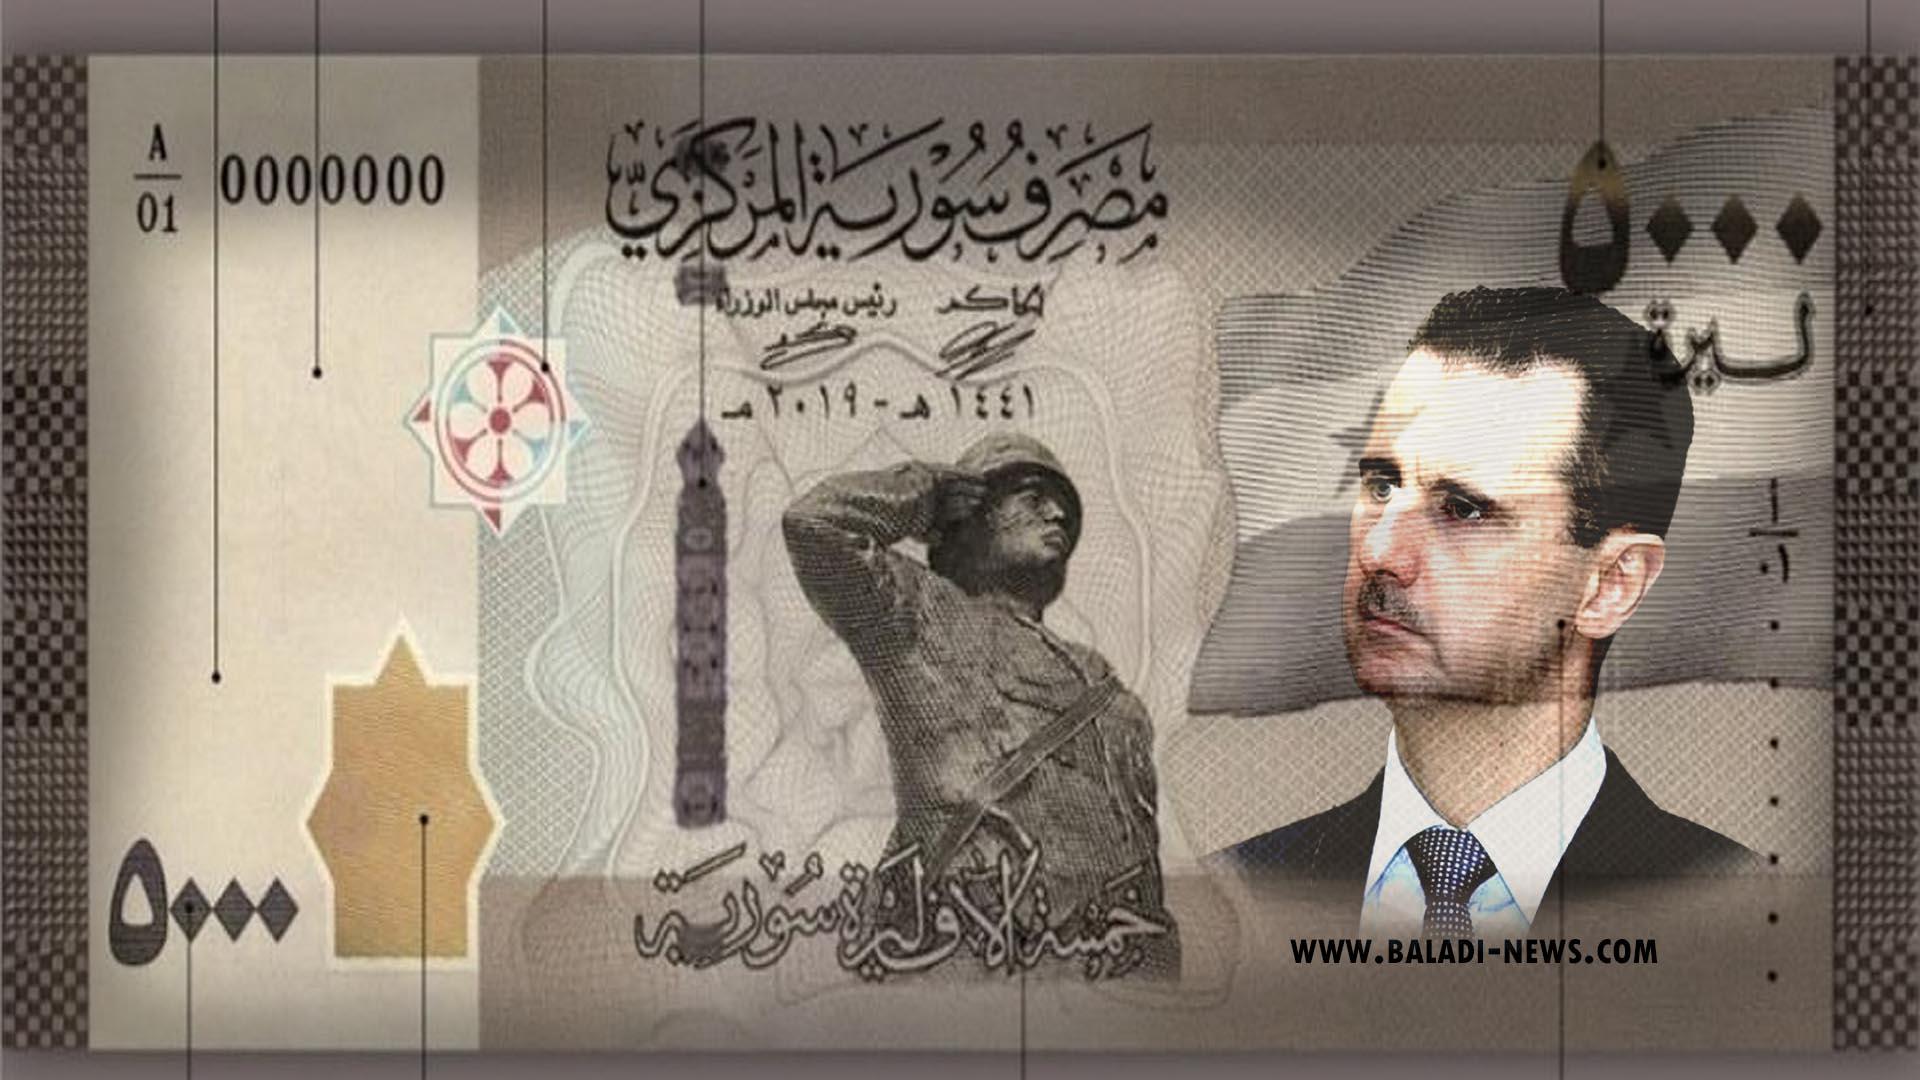 صورة بشار الاسد على العملات السورية  فئة 5000ليرة